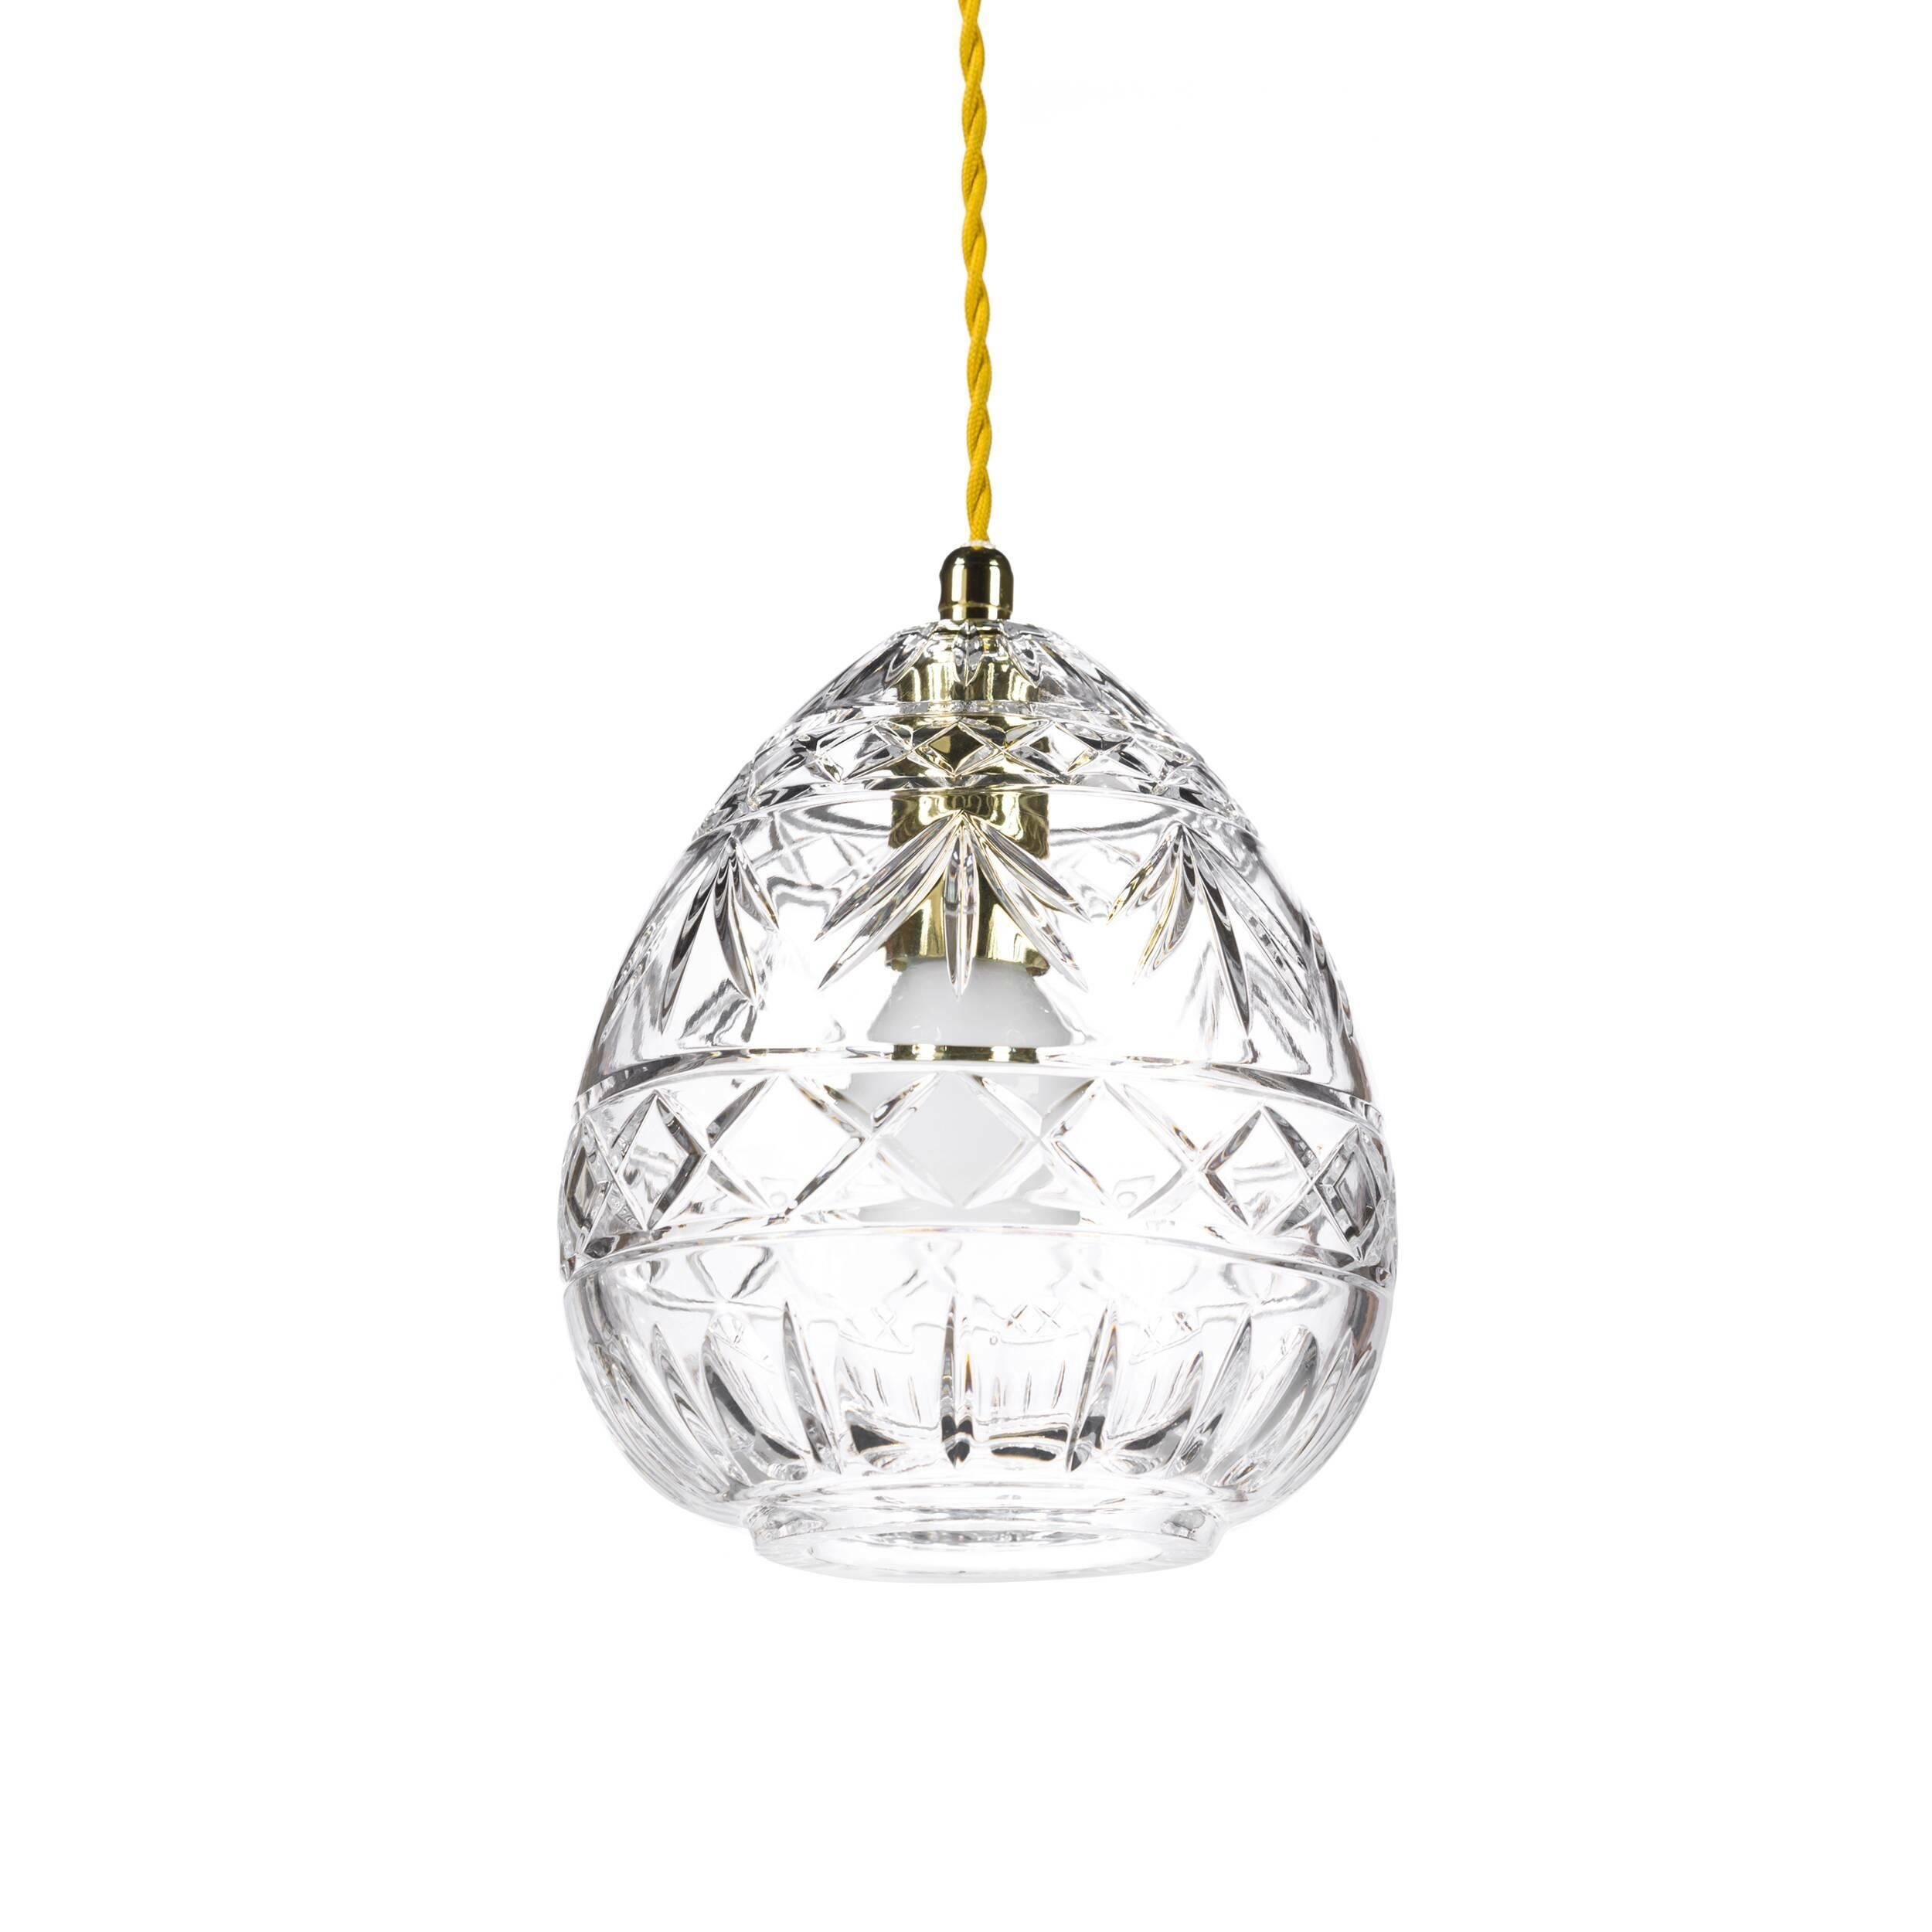 Подвесной светильник Crystal PithosПодвесные<br>«А что, позвольте поинтересоваться, ваза забыла у вас на потолке? И почему ко всему прочему она светит?»<br> <br> А потому, что дизайнеры подвесного светильника Crystal Pithos  — большие виртуозы в своем деле. Материал, цвет, объемный узор — все это прямая отсылка к хрустальным вазам, которые по-прежнему хранятся у многих из нас. Но глядя на них никто не ожидал, что из них вышел бы отличный дизайнерский светильник! Свет, проходящий сквозь стенки изделия, изящно преломляется в гранях рисунка. Необ...<br><br>stock: 0<br>Высота: 180<br>Диаметр: 15<br>Количество ламп: 1<br>Материал абажура: Стекло<br>Мощность лампы: 40<br>Ламп в комплекте: Нет<br>Напряжение: 220<br>Тип лампы/цоколь: E14<br>Цвет абажура: Прозрачный